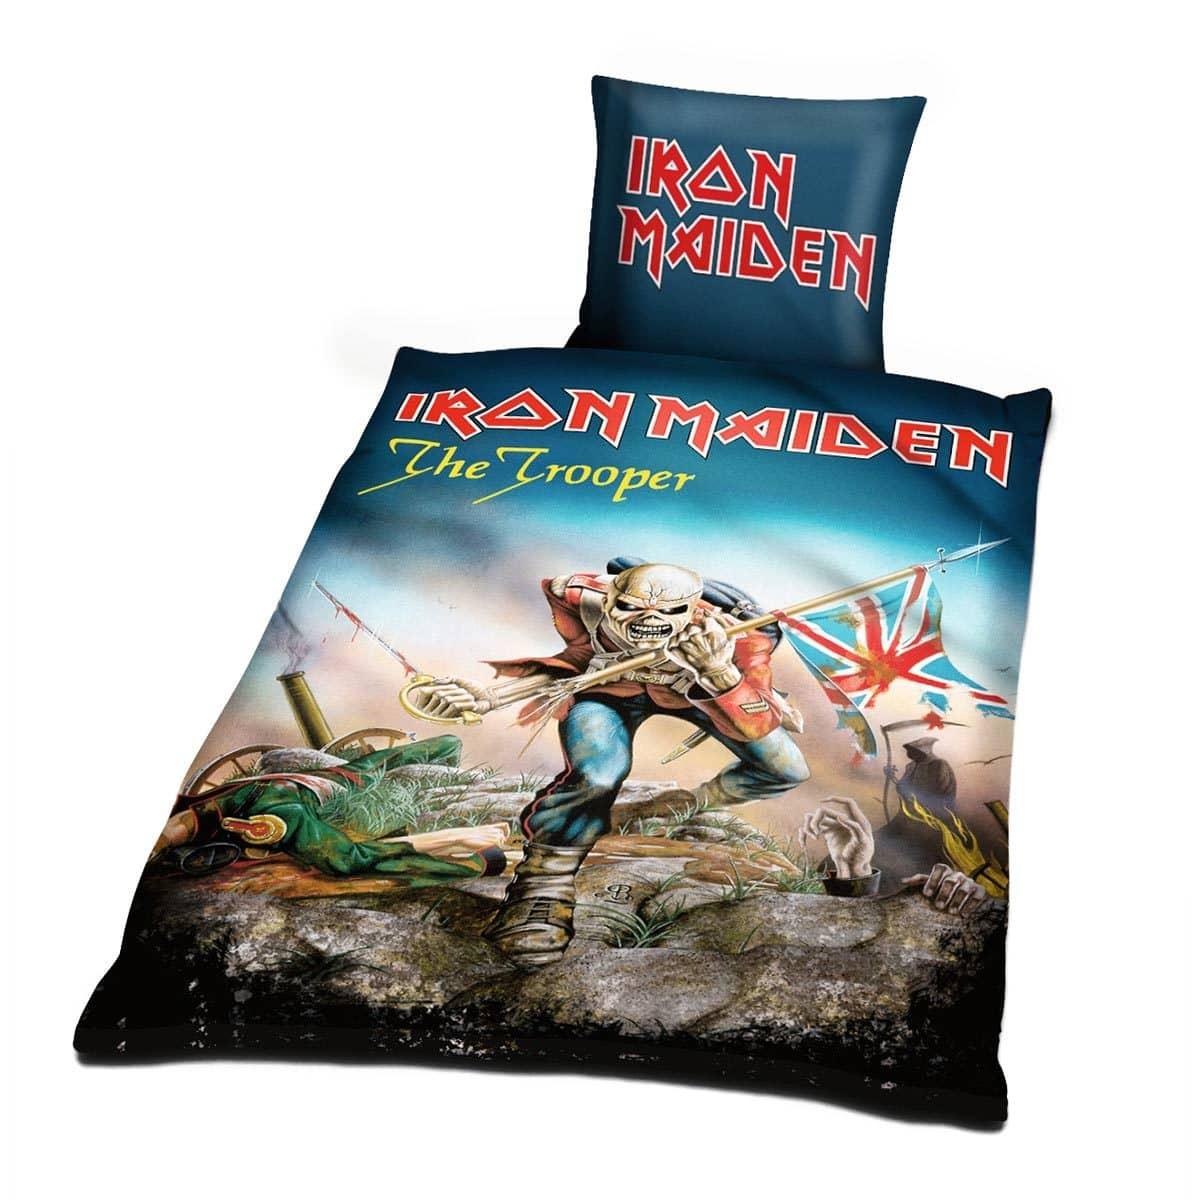 Iron Maiden Bettwäsche Trooper